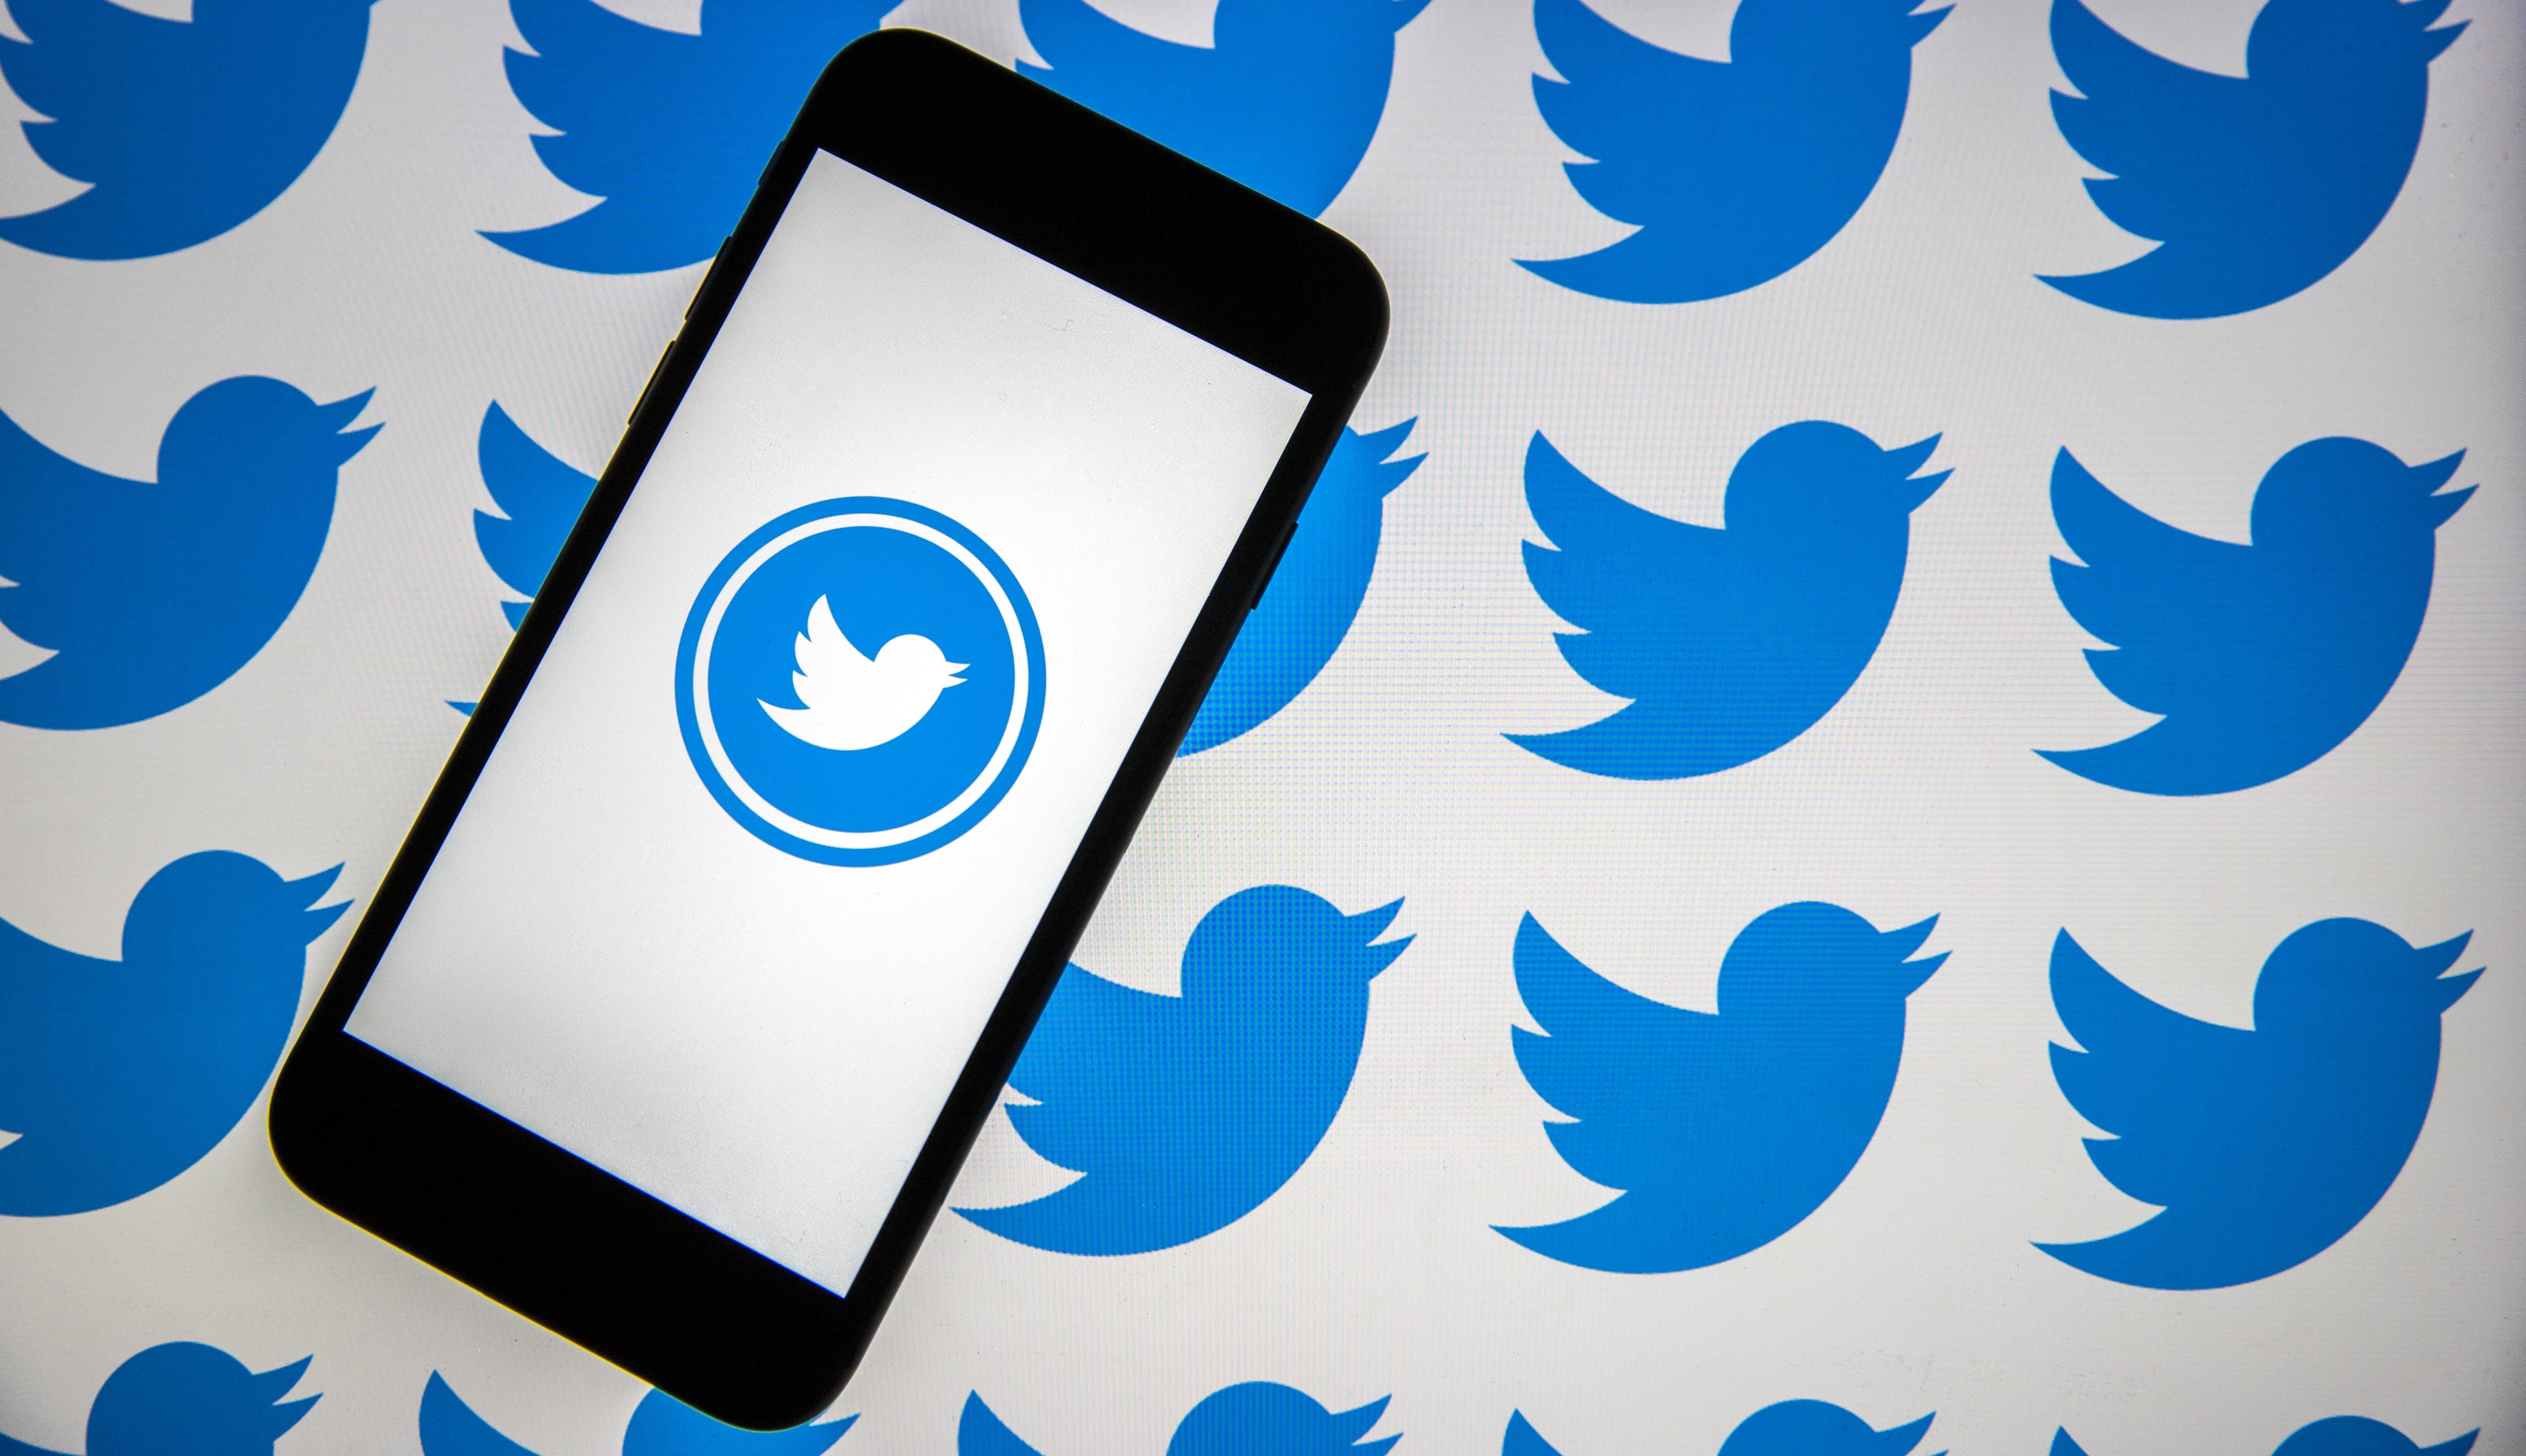 Belassították a Twittert Oroszországban